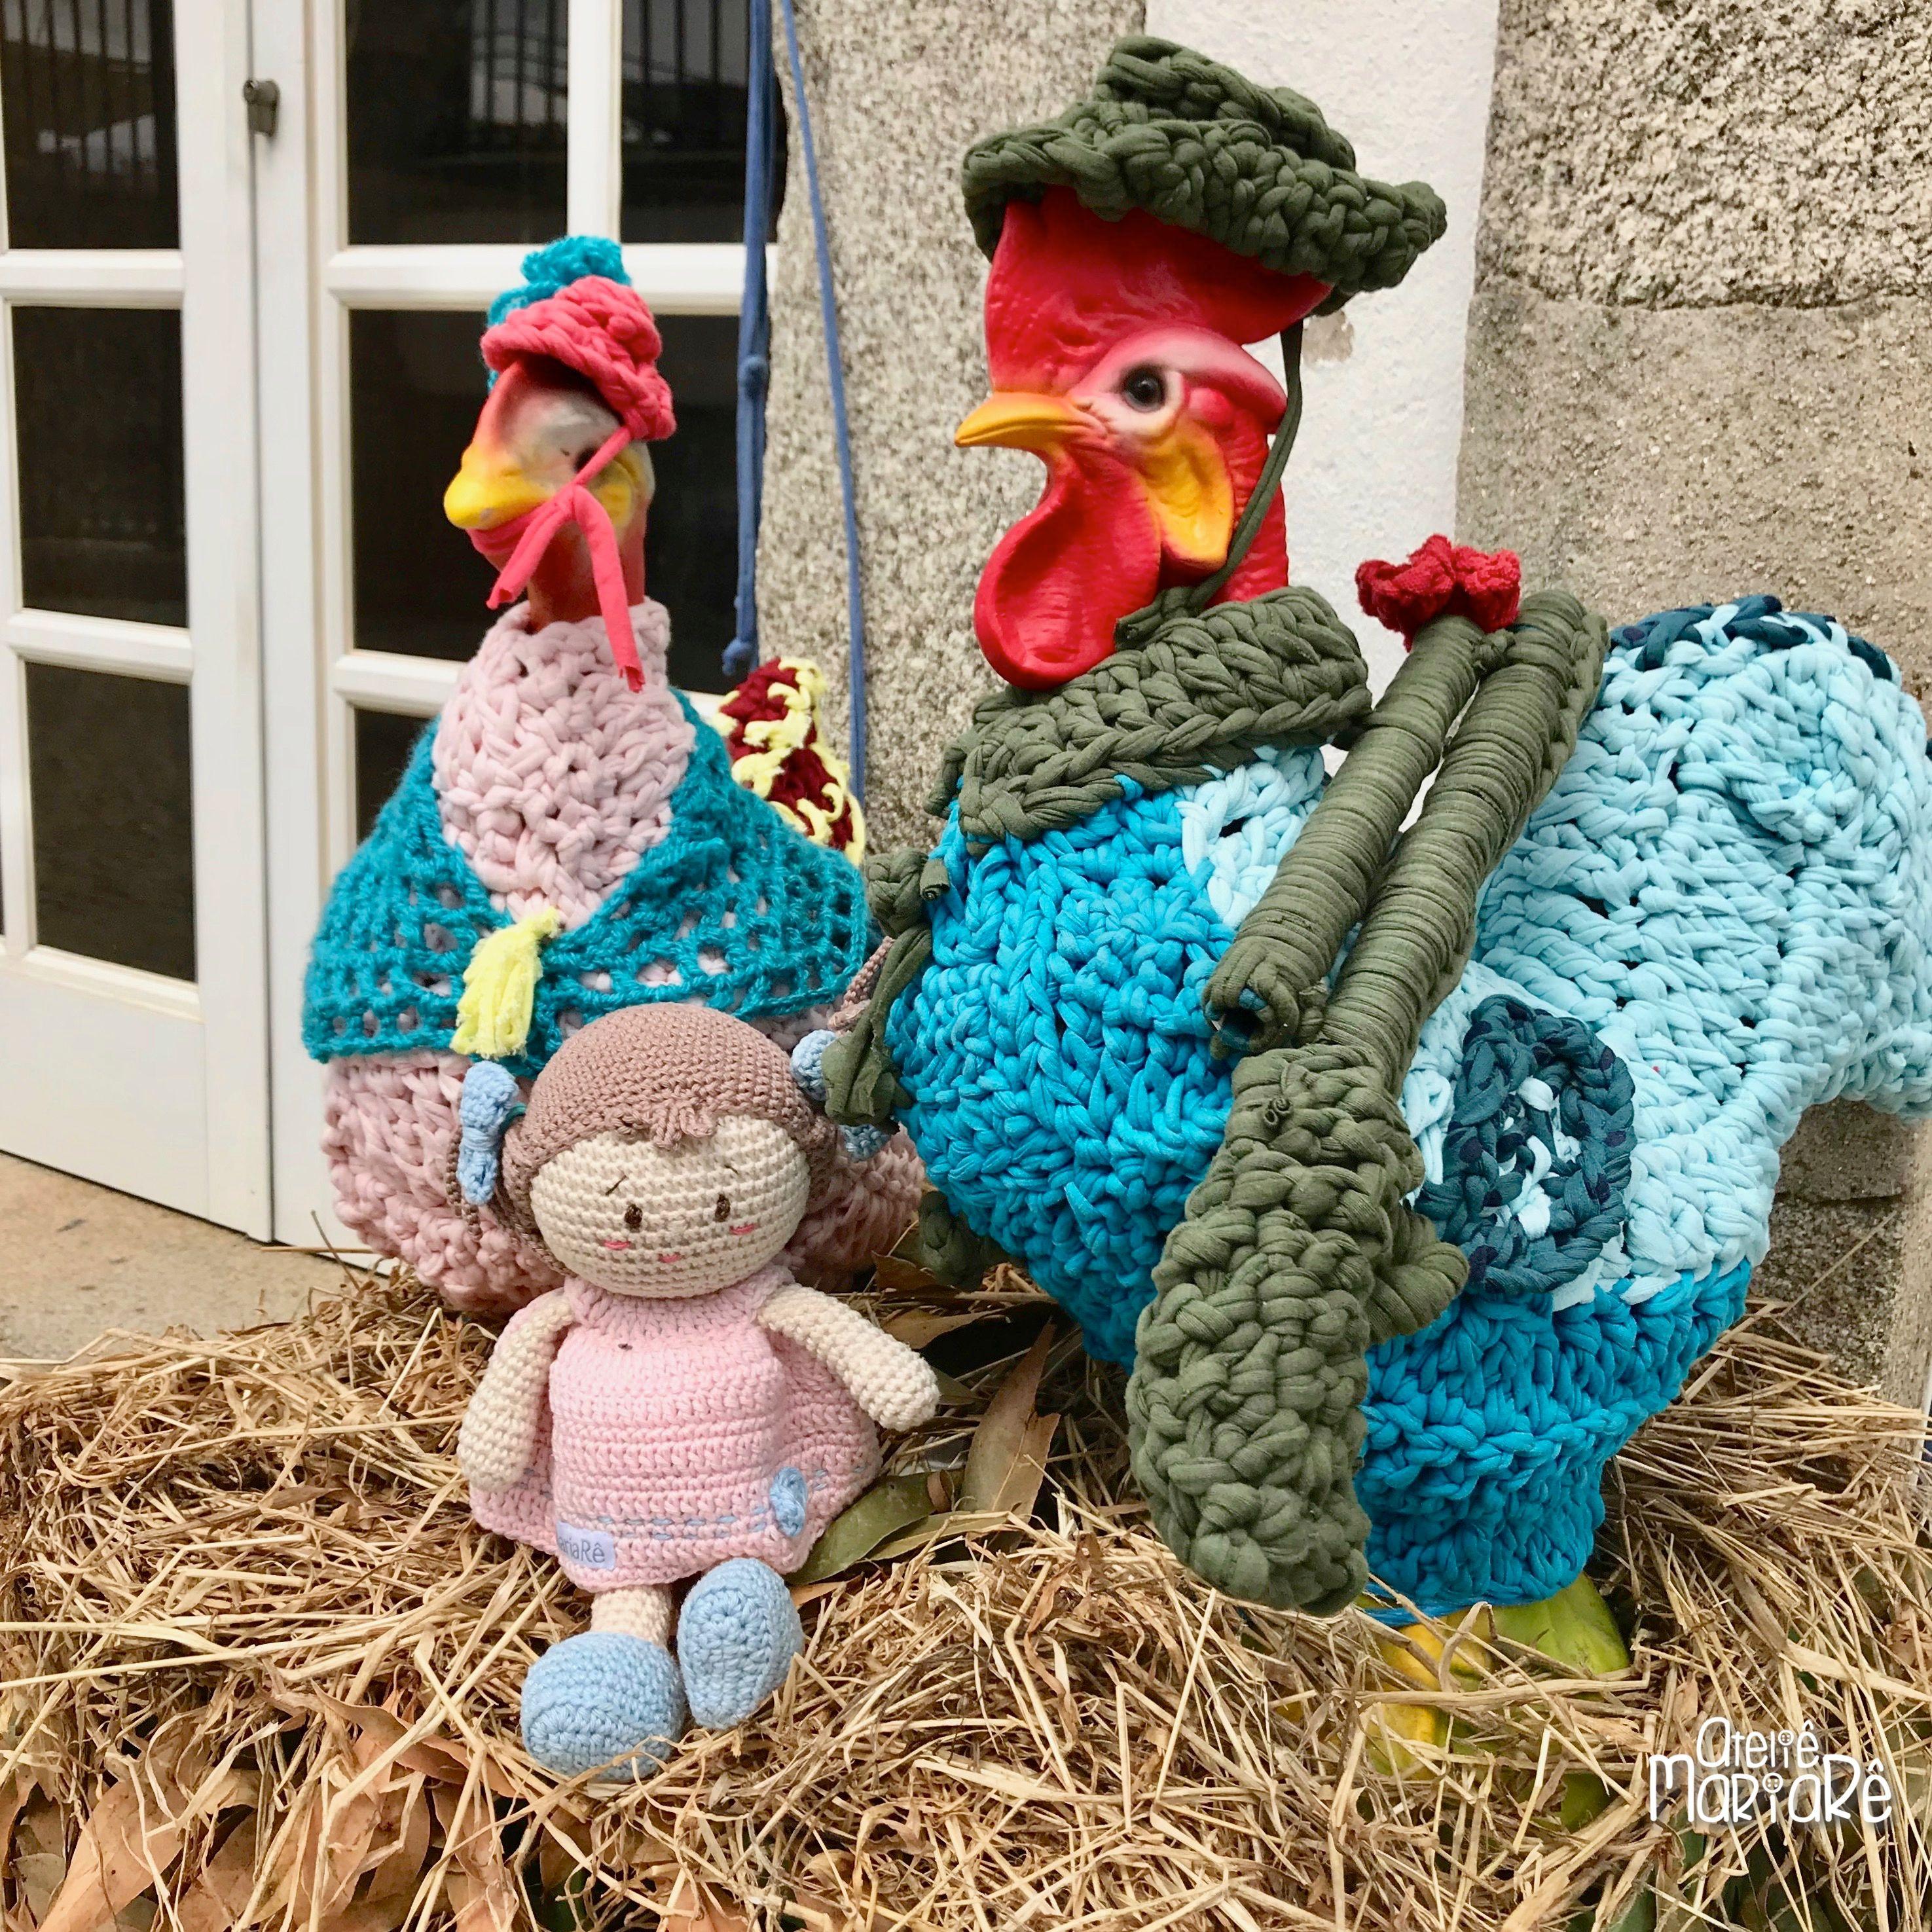 Vejam O Que Encontrei Em Frente A Uma Casa No Centro De Vila Nova De Cerveira Uma Galinha E Um Galo Gigantes Eles Roupas De Crochê Crochê Receitas De Croche